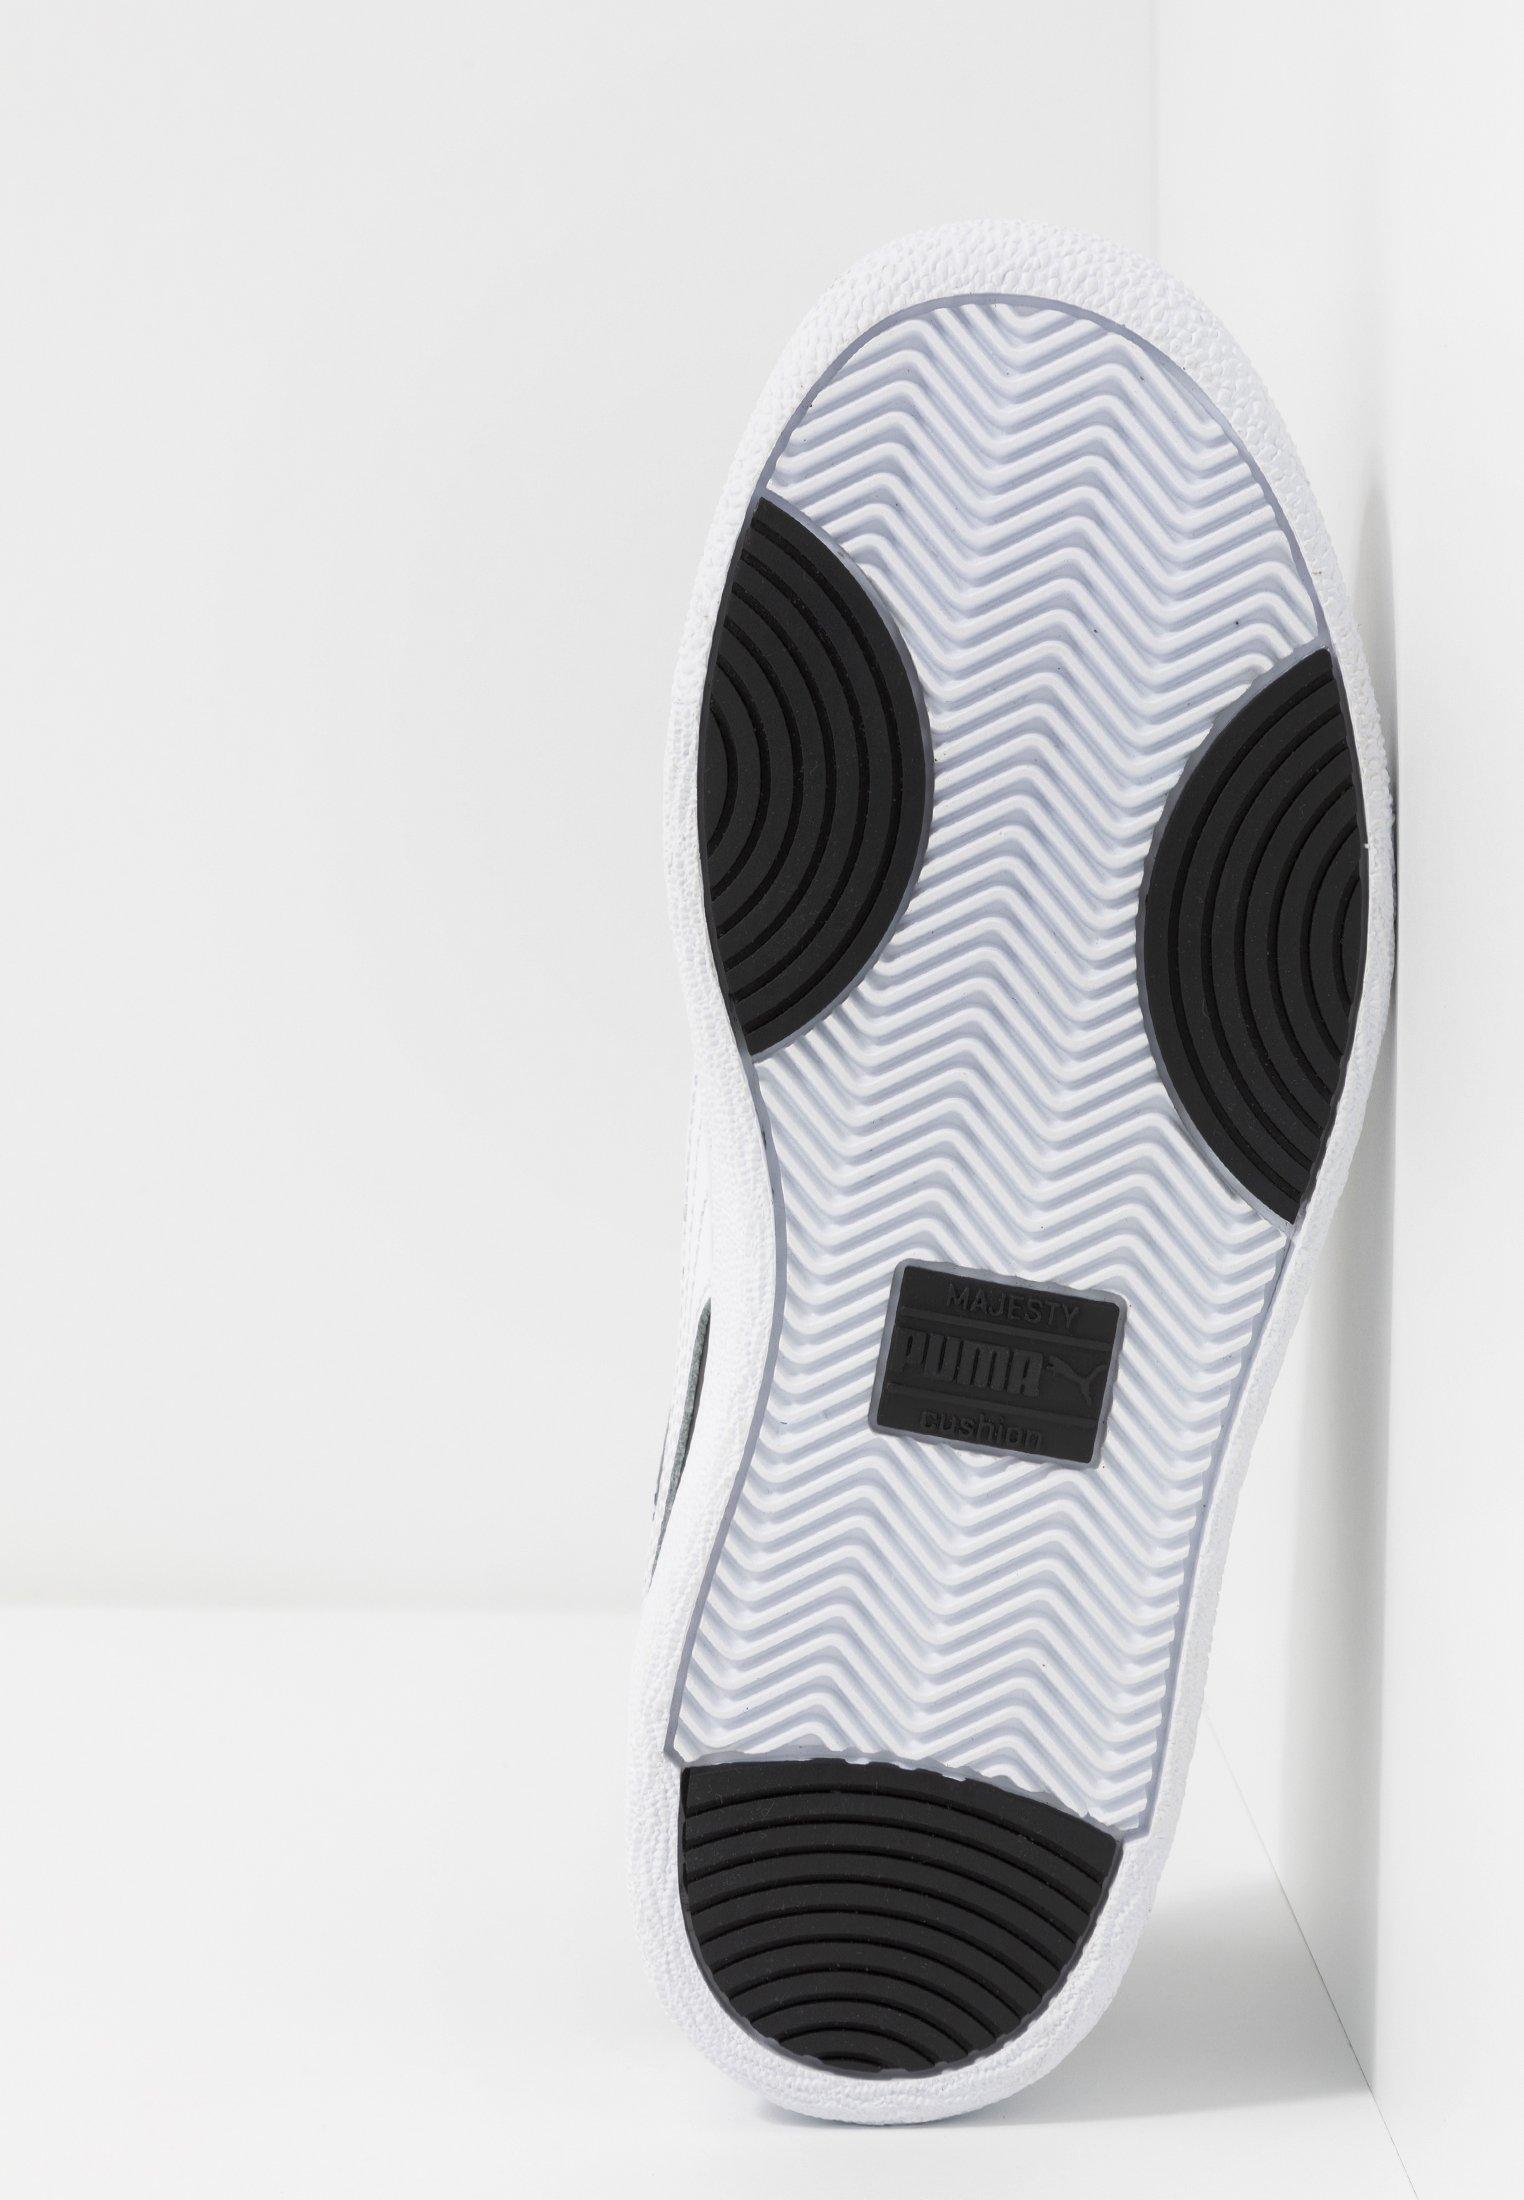 Puma RALPH SAMPSON - Baskets basses black/white